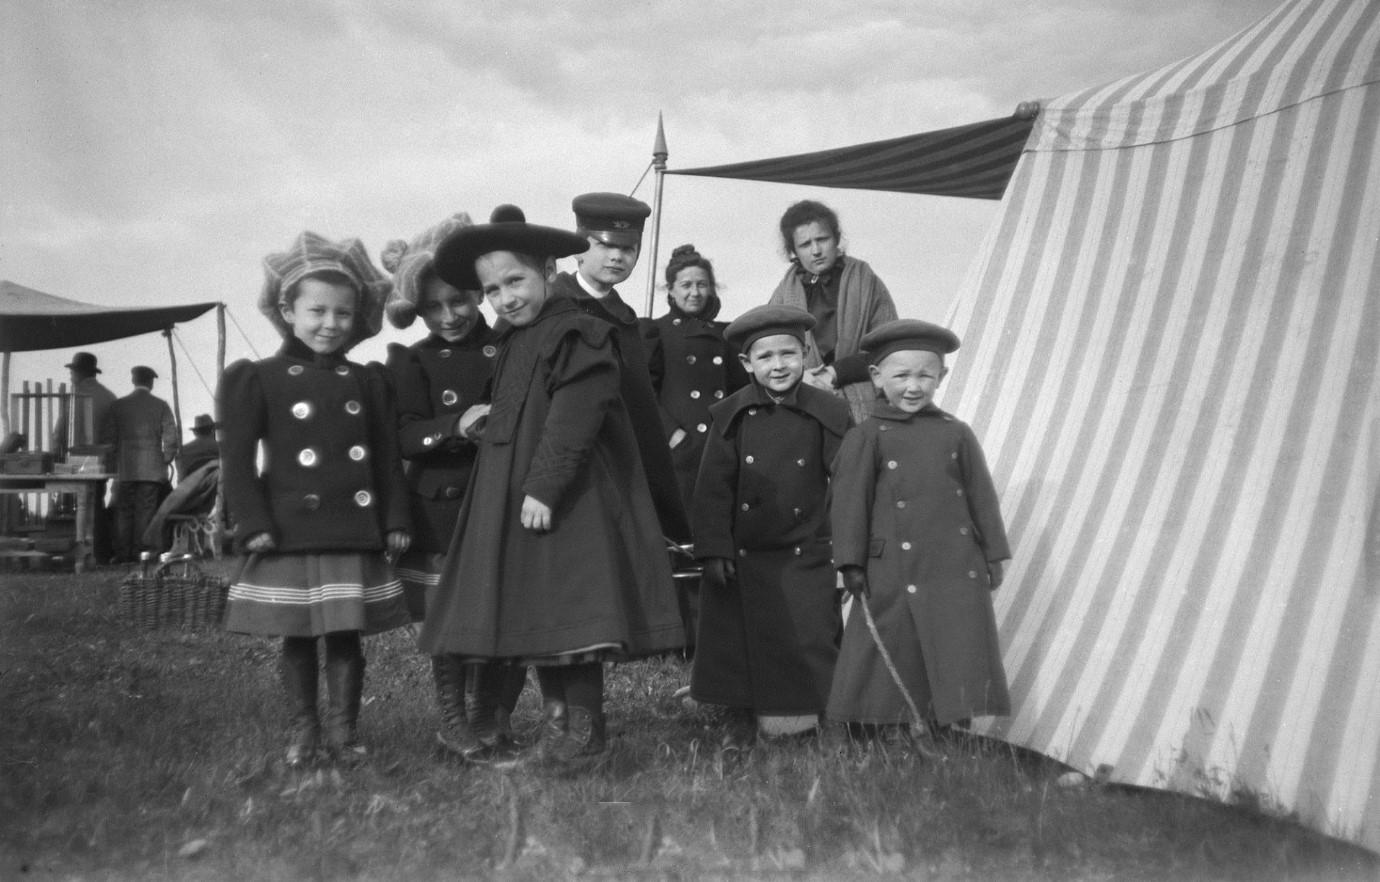 1899. Зрители на соревнованиях по стрельбе. Химка, Московская губерния